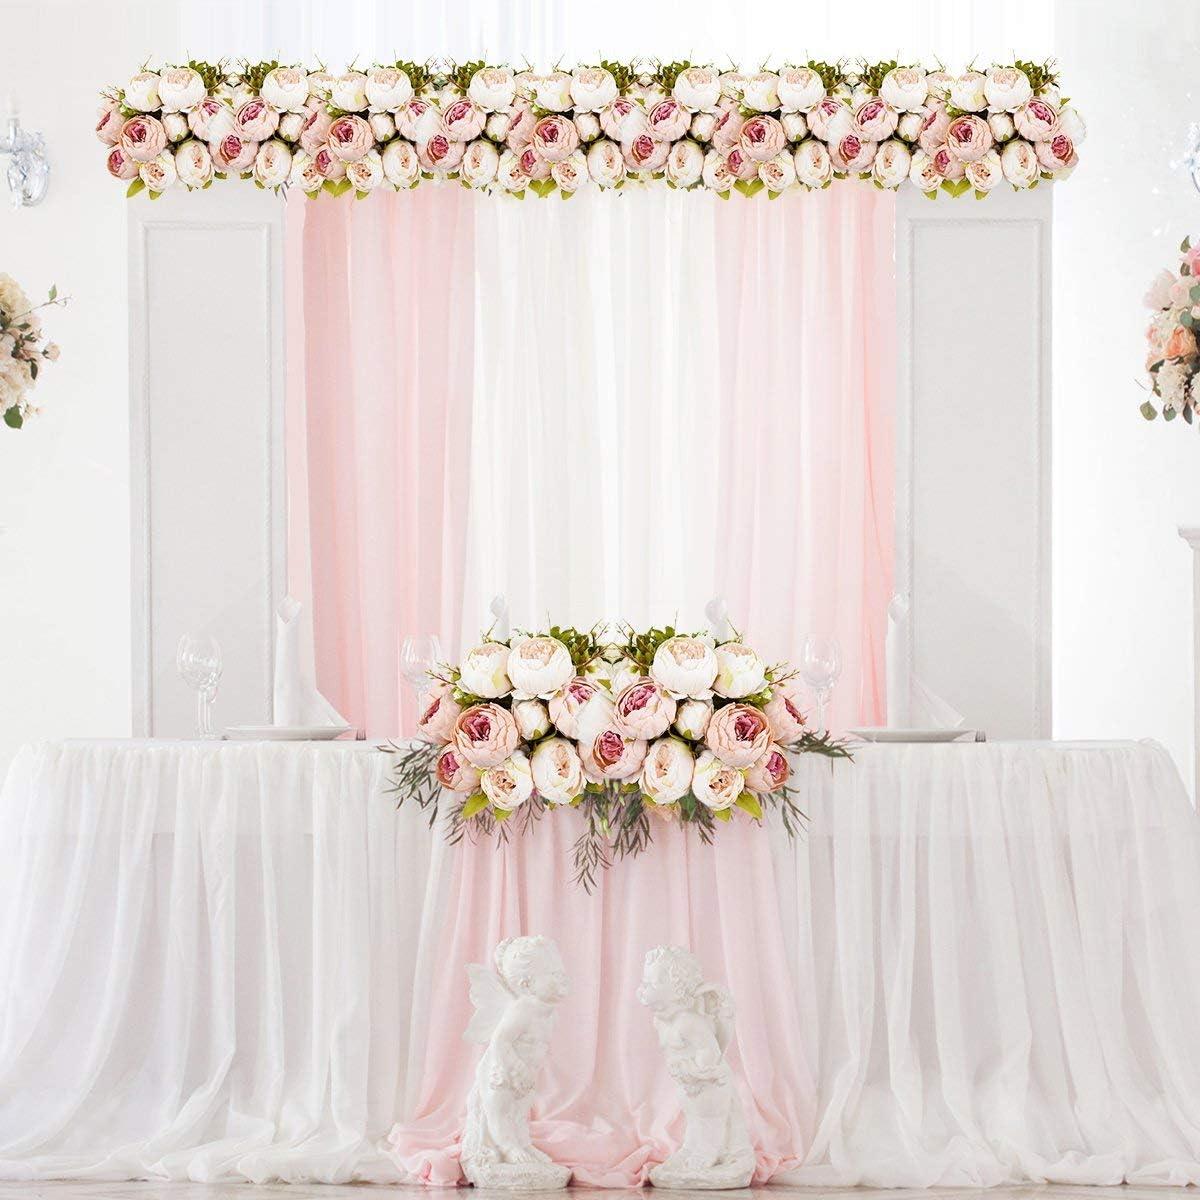 Ramo de peon/ías artificiales Amkun 1 unidad Flores de seda para decoraci/ón del hogar o bodas